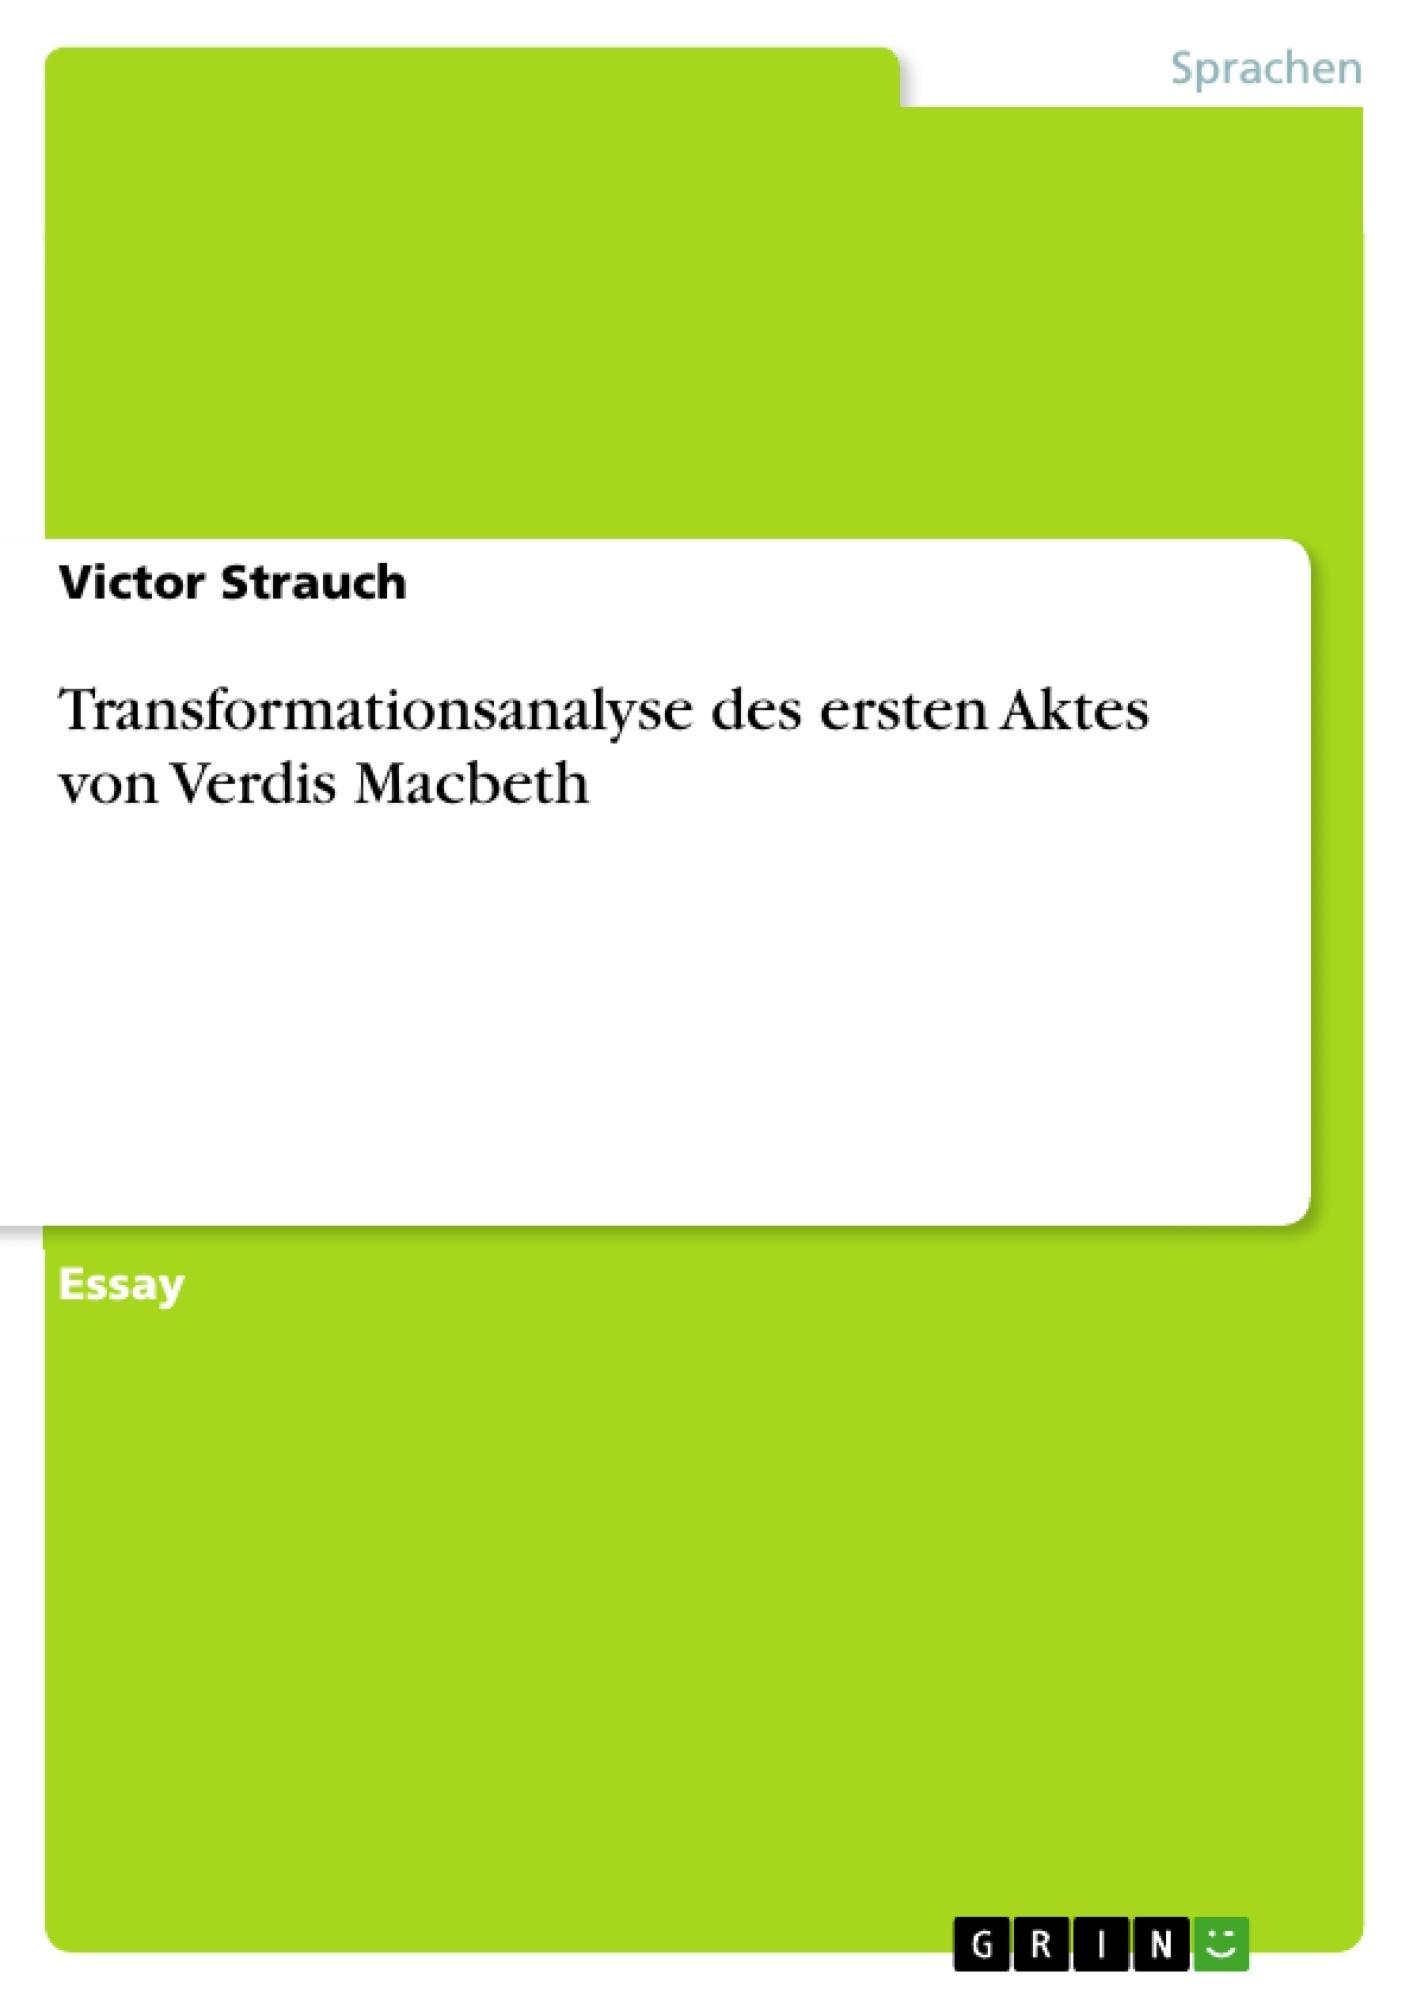 Titel: Transformationsanalyse des ersten Aktes von Verdis Macbeth